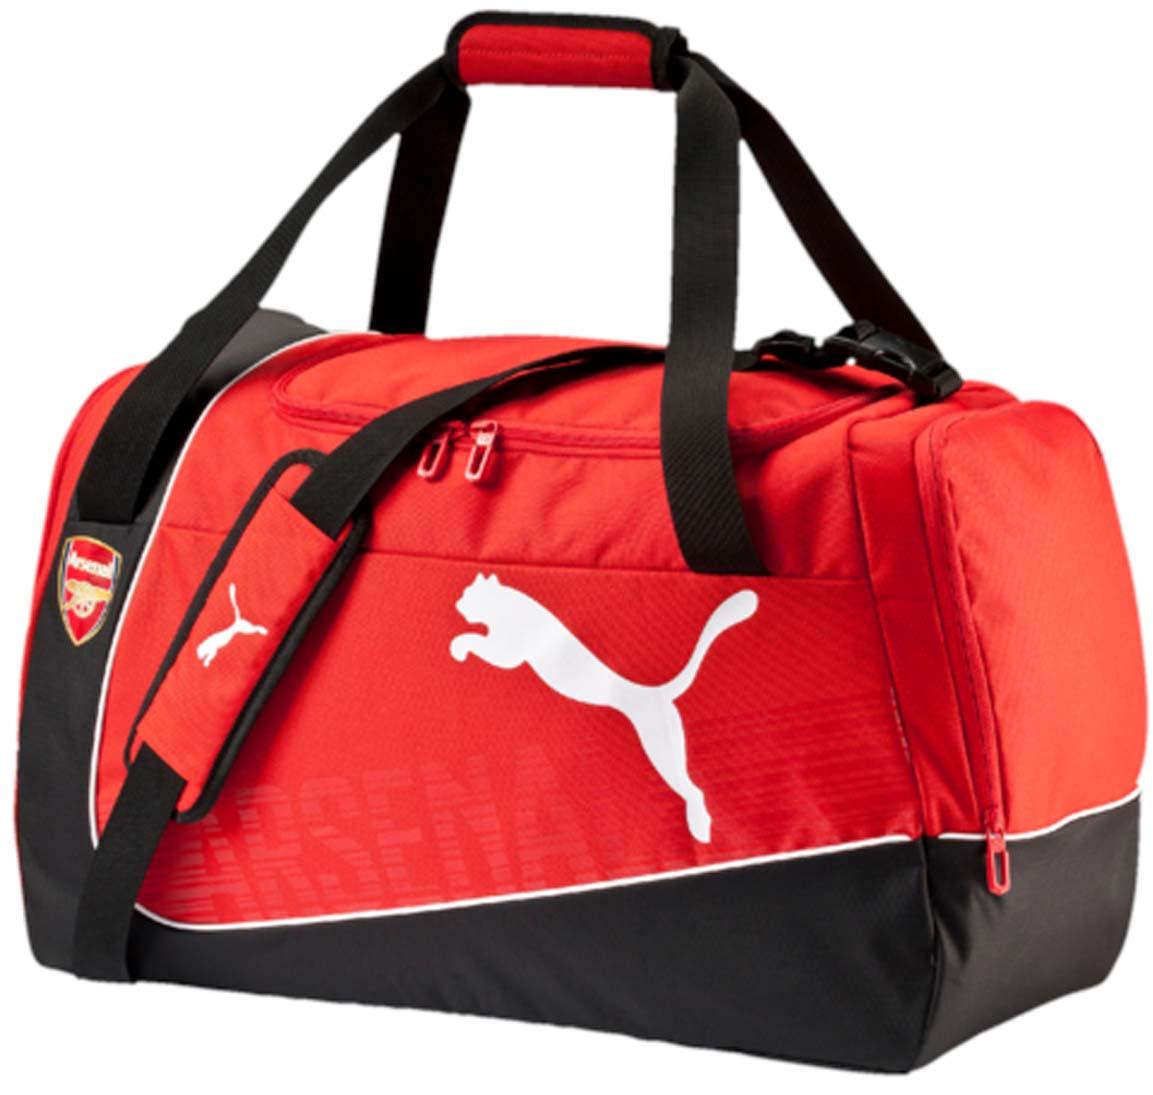 Сумка спортивная Puma Arsenal Medium Bag, цвет: красный. 0739050107390501Вместительная спортивная сумка от Puma. Модель выполнена из высококачественного износоустойчивого полиэстера черного и красного цветов и декорирована логотипом бренда спереди и эмблемой ФК Арсенал. У модели два боковых кармана на молнии, отверстия для вентиляции, регулируемый плечевой ремень.